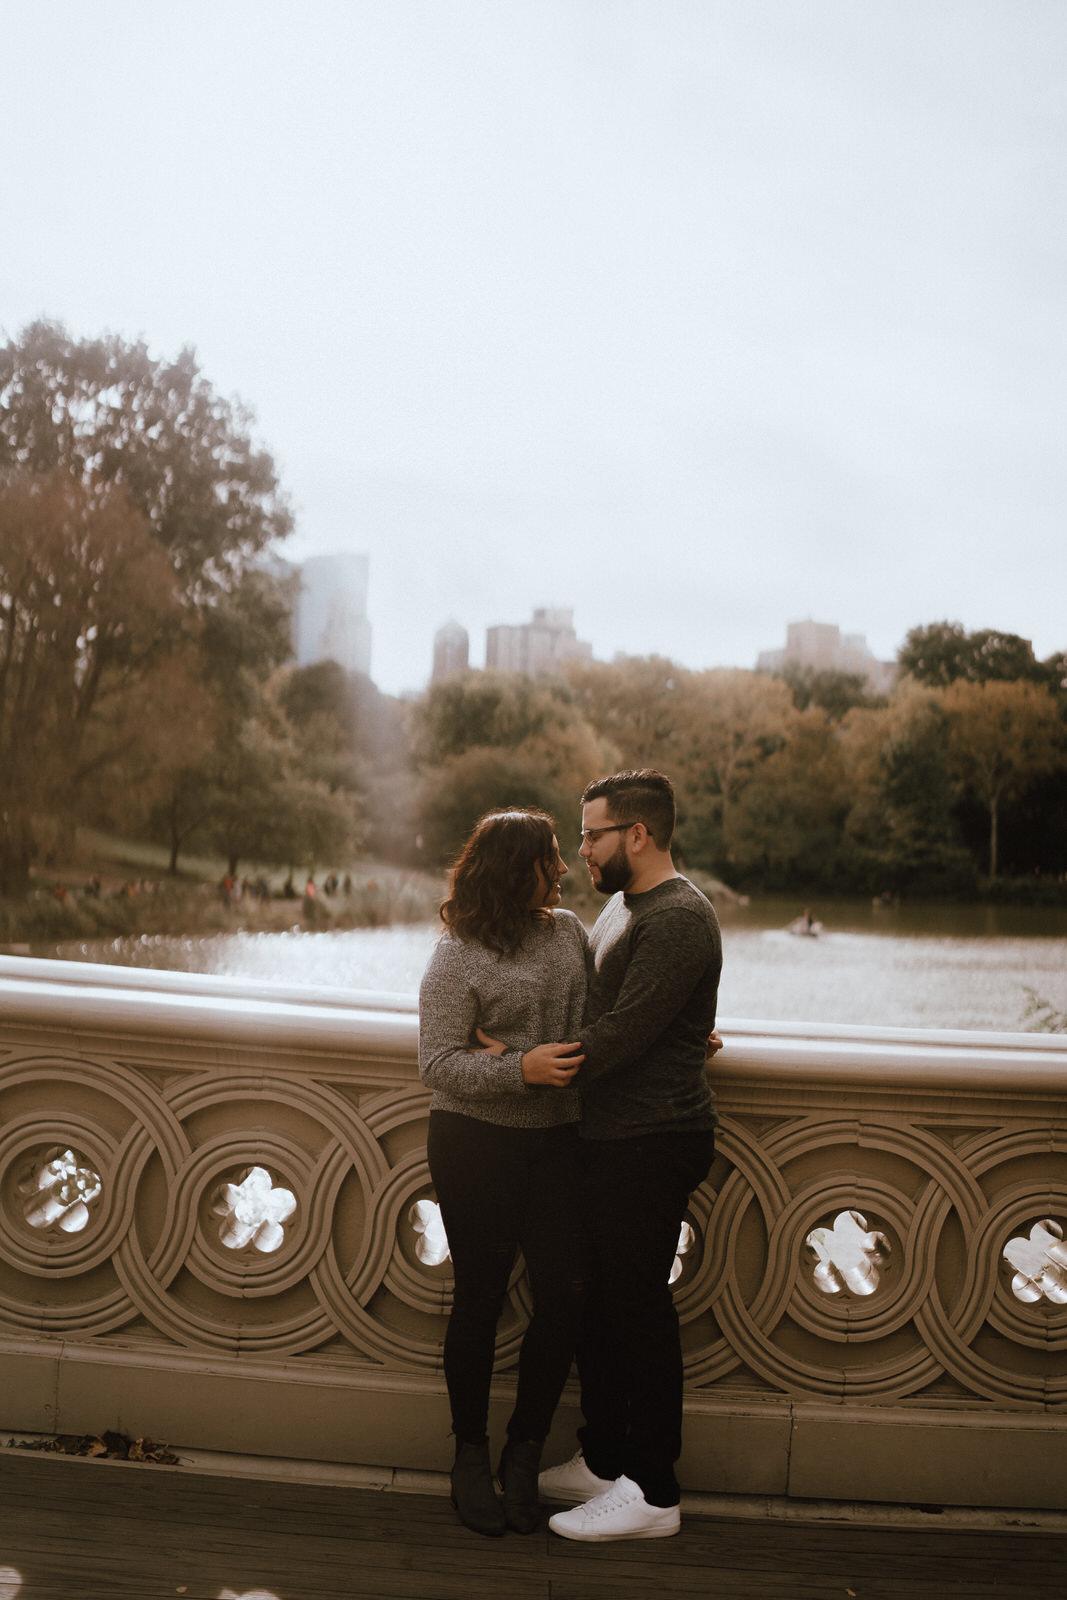 Central Park Engagement Photos-Bow Bridge-Michelle Gonzalez Photography-Alyssa and Cecilio-47.JPG